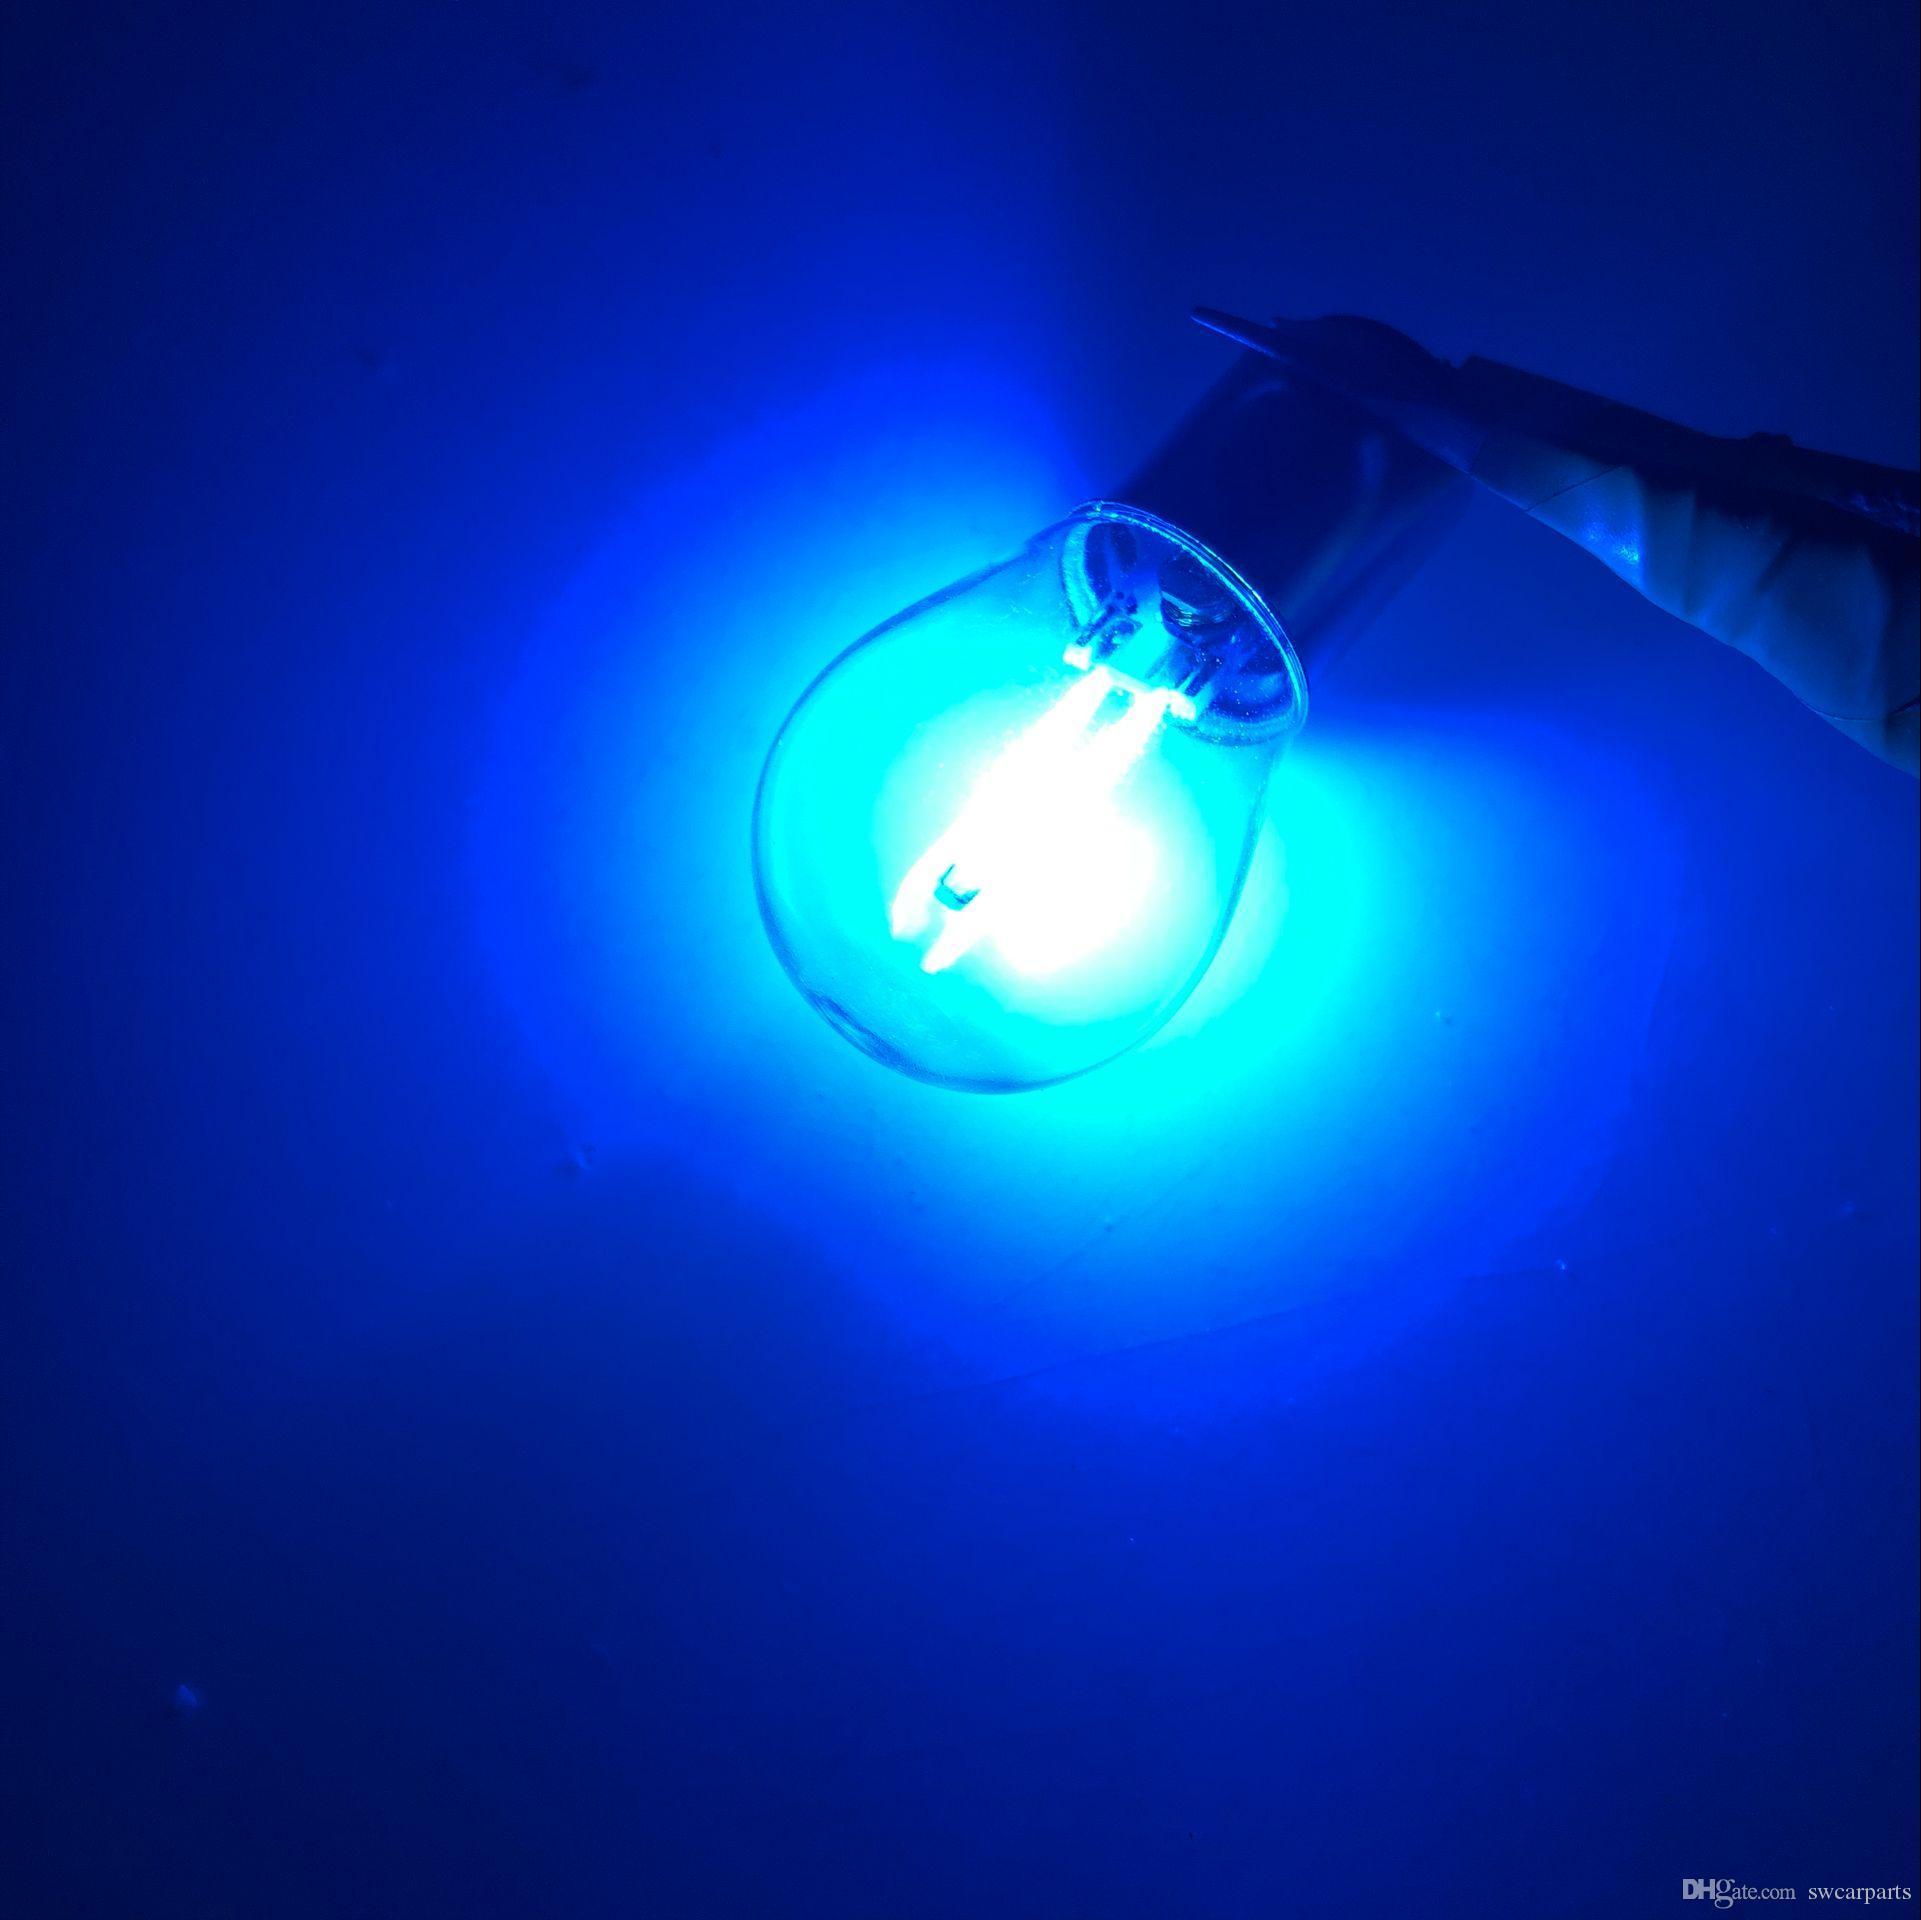 Yeni BA15S 1156 P21W 1157 Bay15d COB 1.5 W LED Araç Ters Ampul fren lambaları filament araba park ışıkları DC 12 V Beyaz Sıcak beyaz